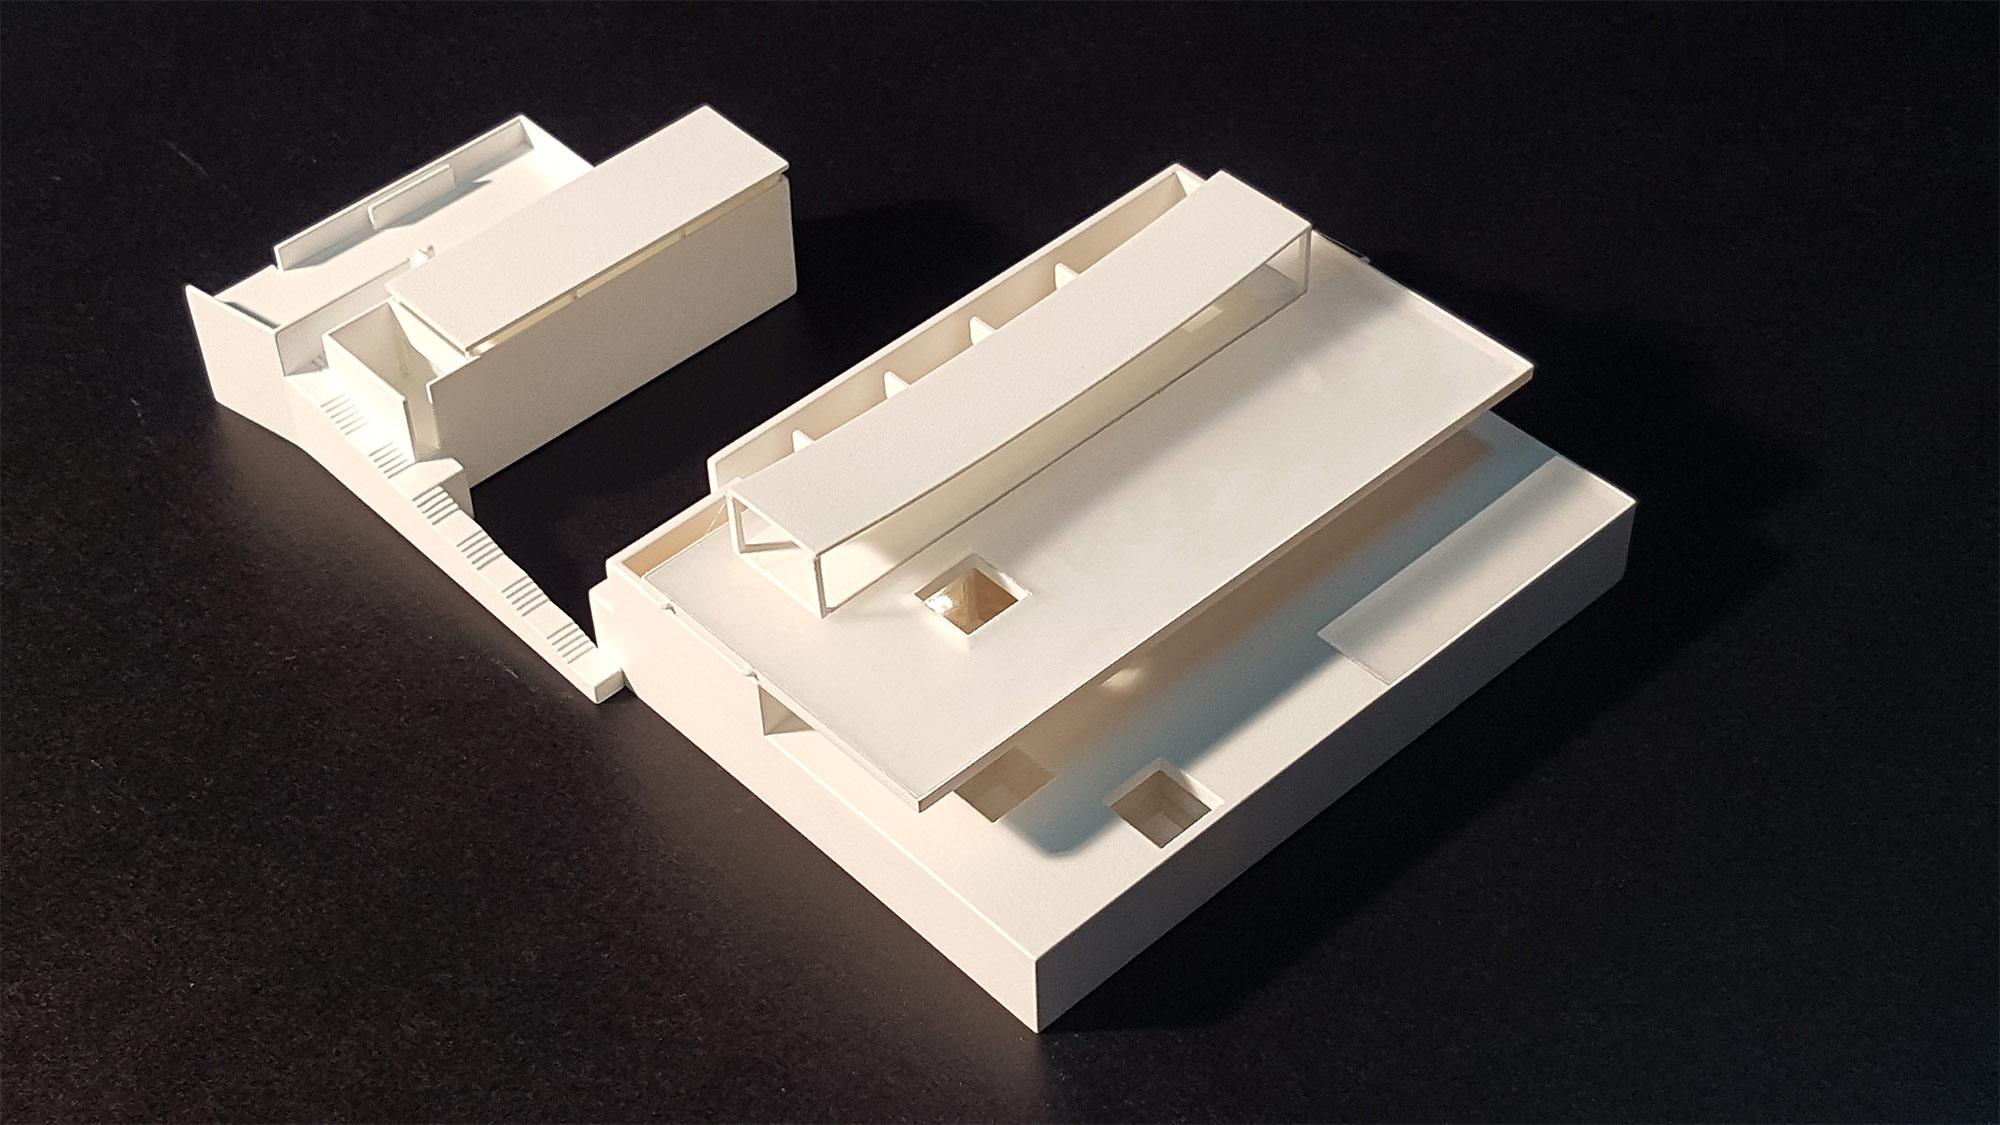 Maqueta en impresión 3D de una vivienda unifamiliar para el estudio Vicens + Ramos, fabricada por EXarchitects